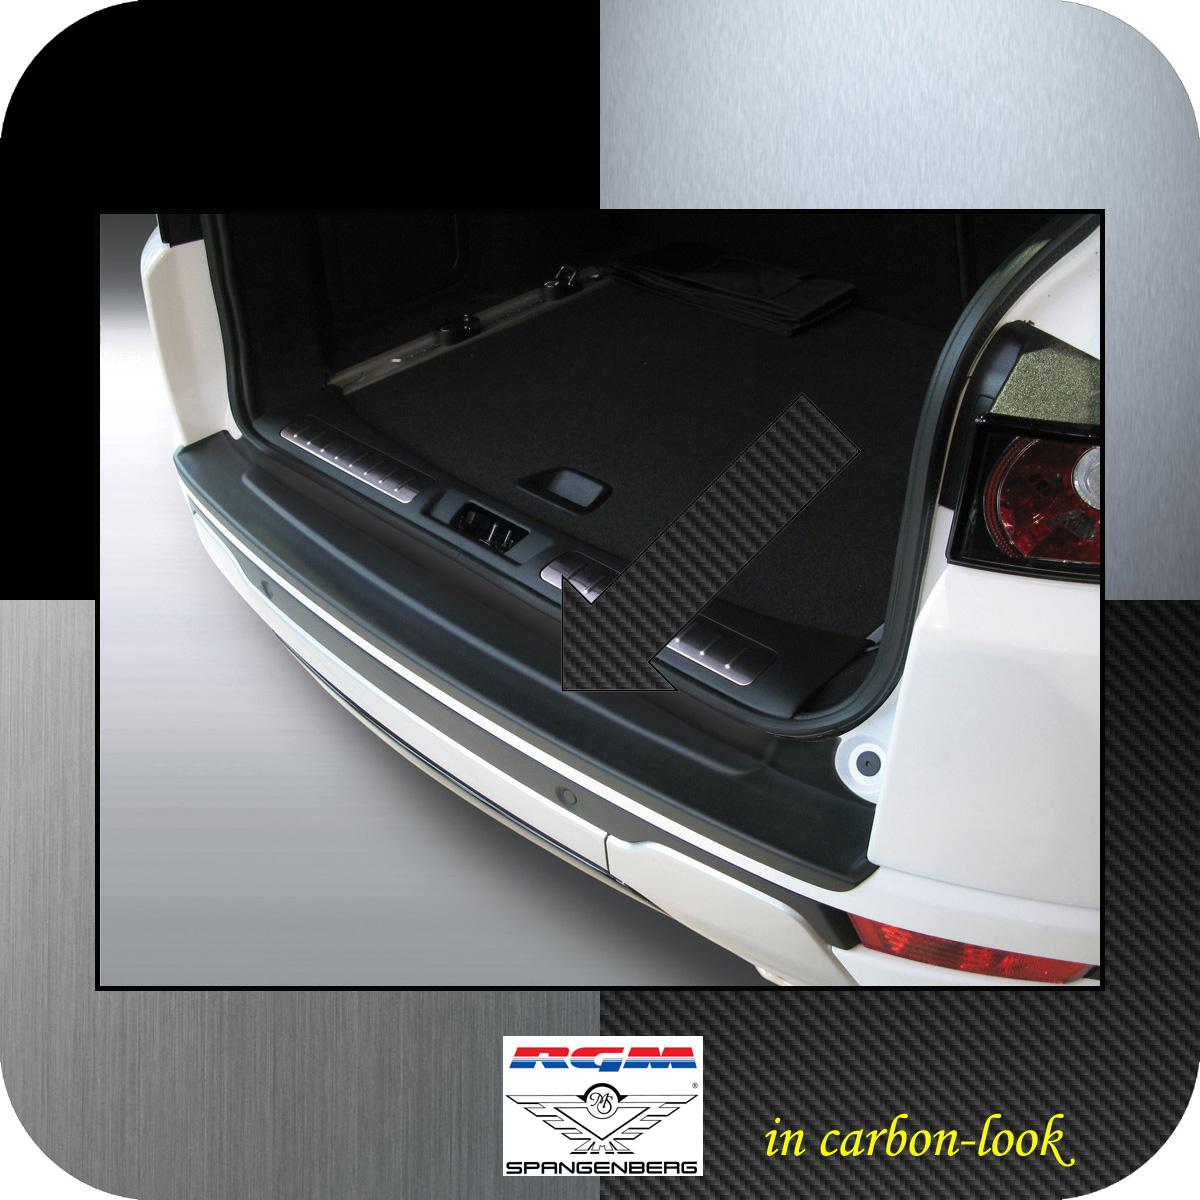 Ladekantenschutz Carbon-Look Land Rover Range Rover Evoque 3-Türer 2011- 3509583